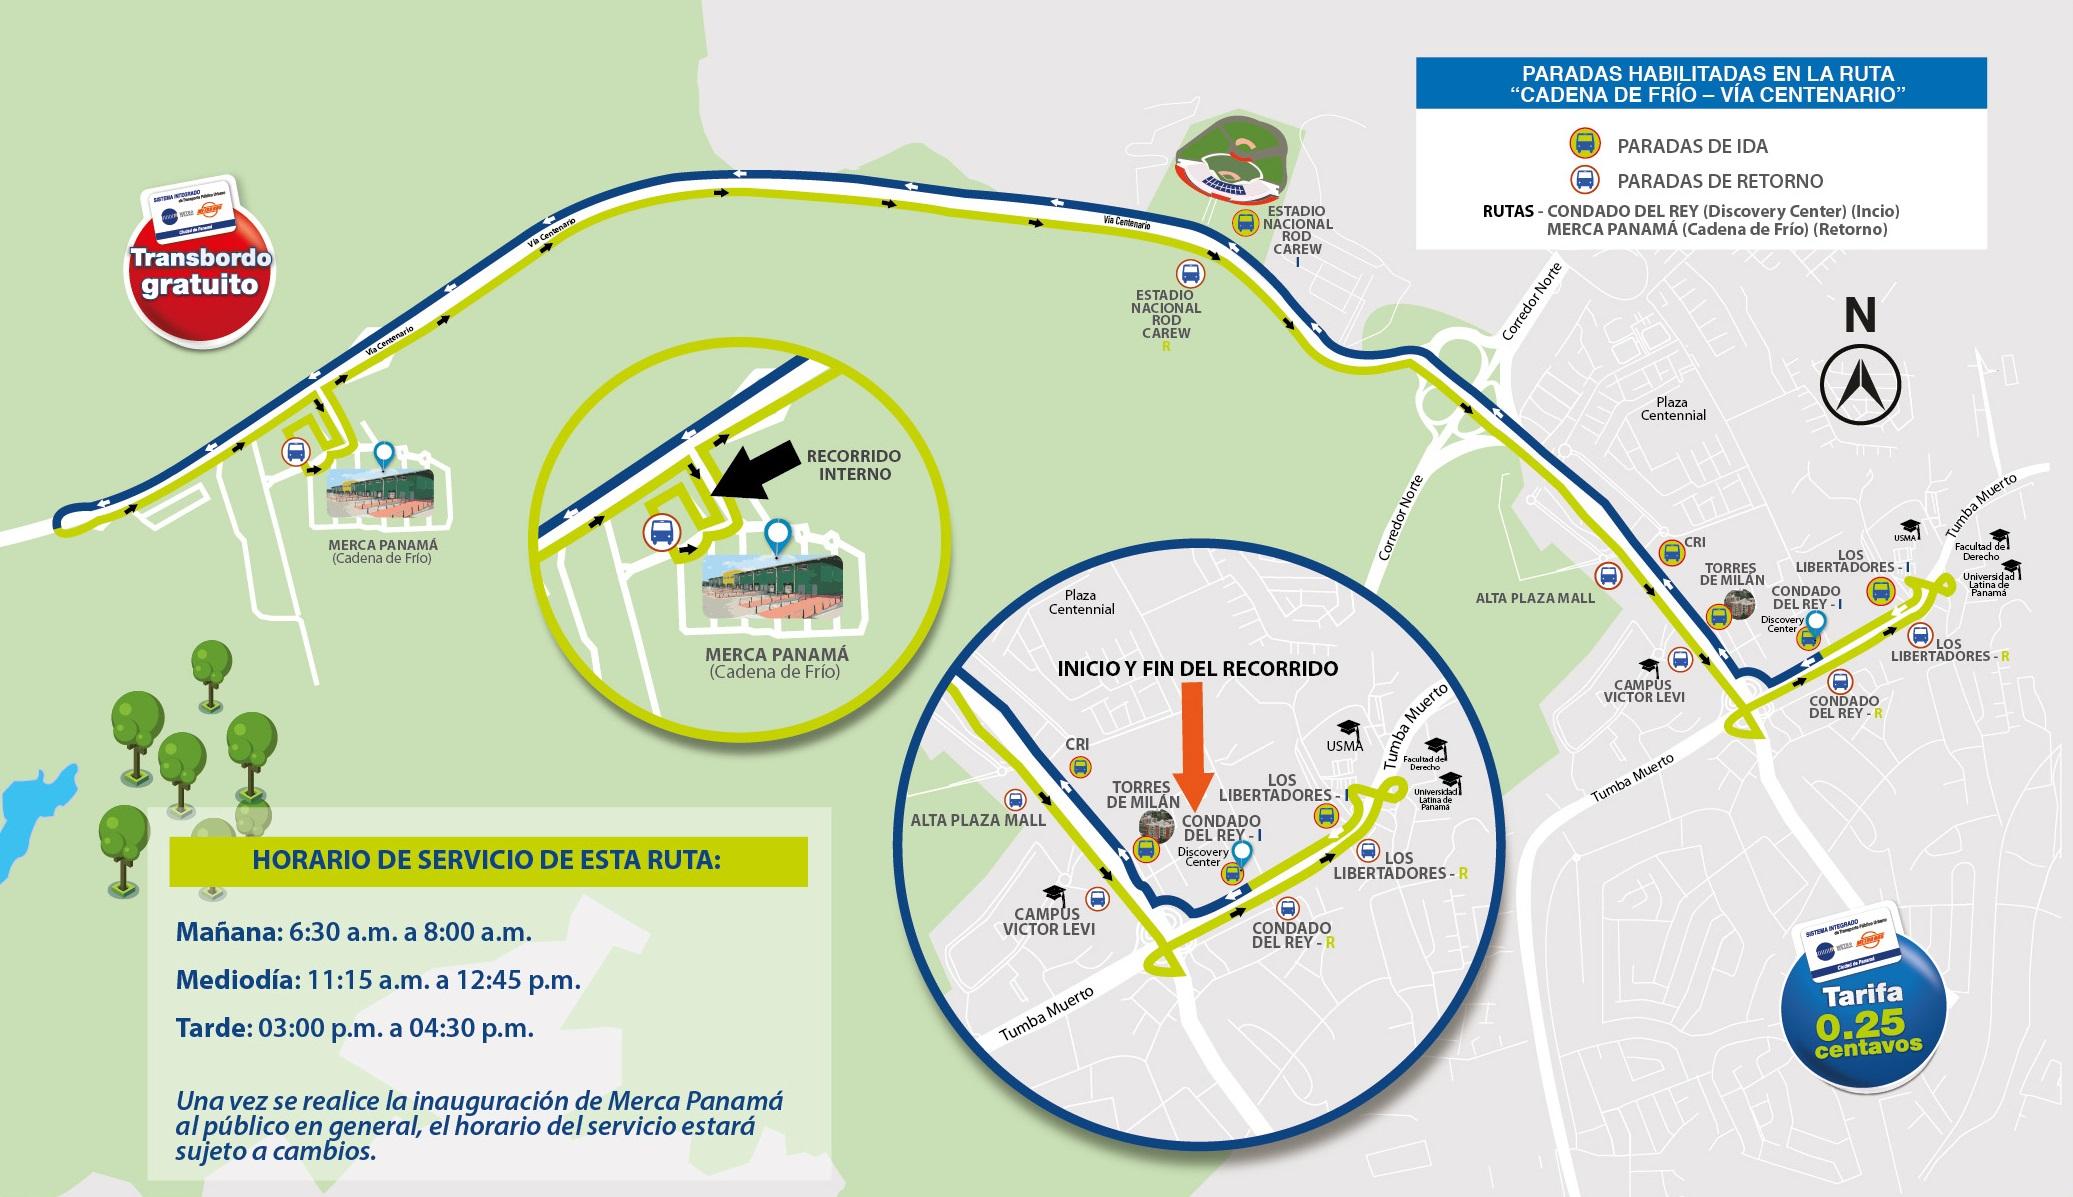 Nueva ruta de Metrobús en Vía Centenario inaugura el 27 de agosto